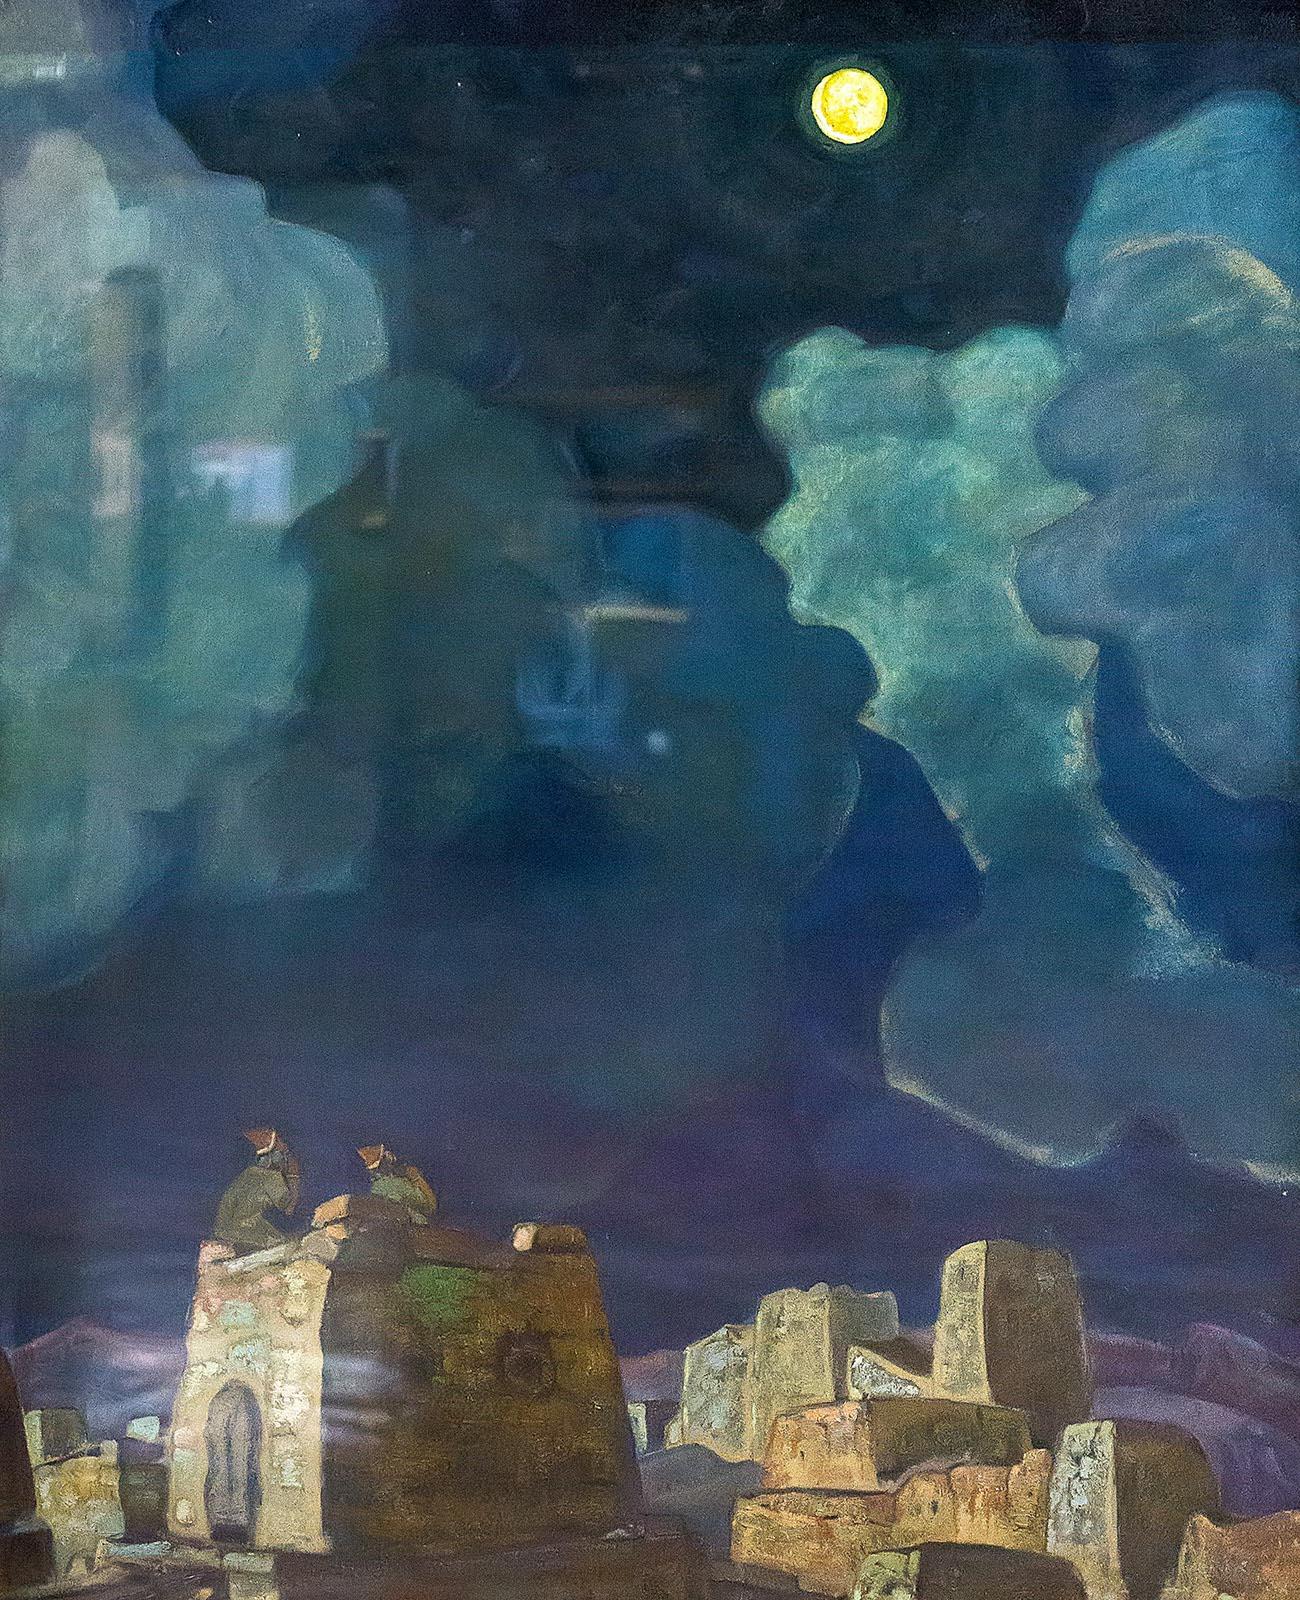 Фото №212277. РЕРИХ НИКОЛАЙ КОНСТАНТИНОВИЧ. 1874-1947 МЕХЕСКИ - ЛУННЫЙ НАРОД. 1915 Бумага на картоне, масло, темпера